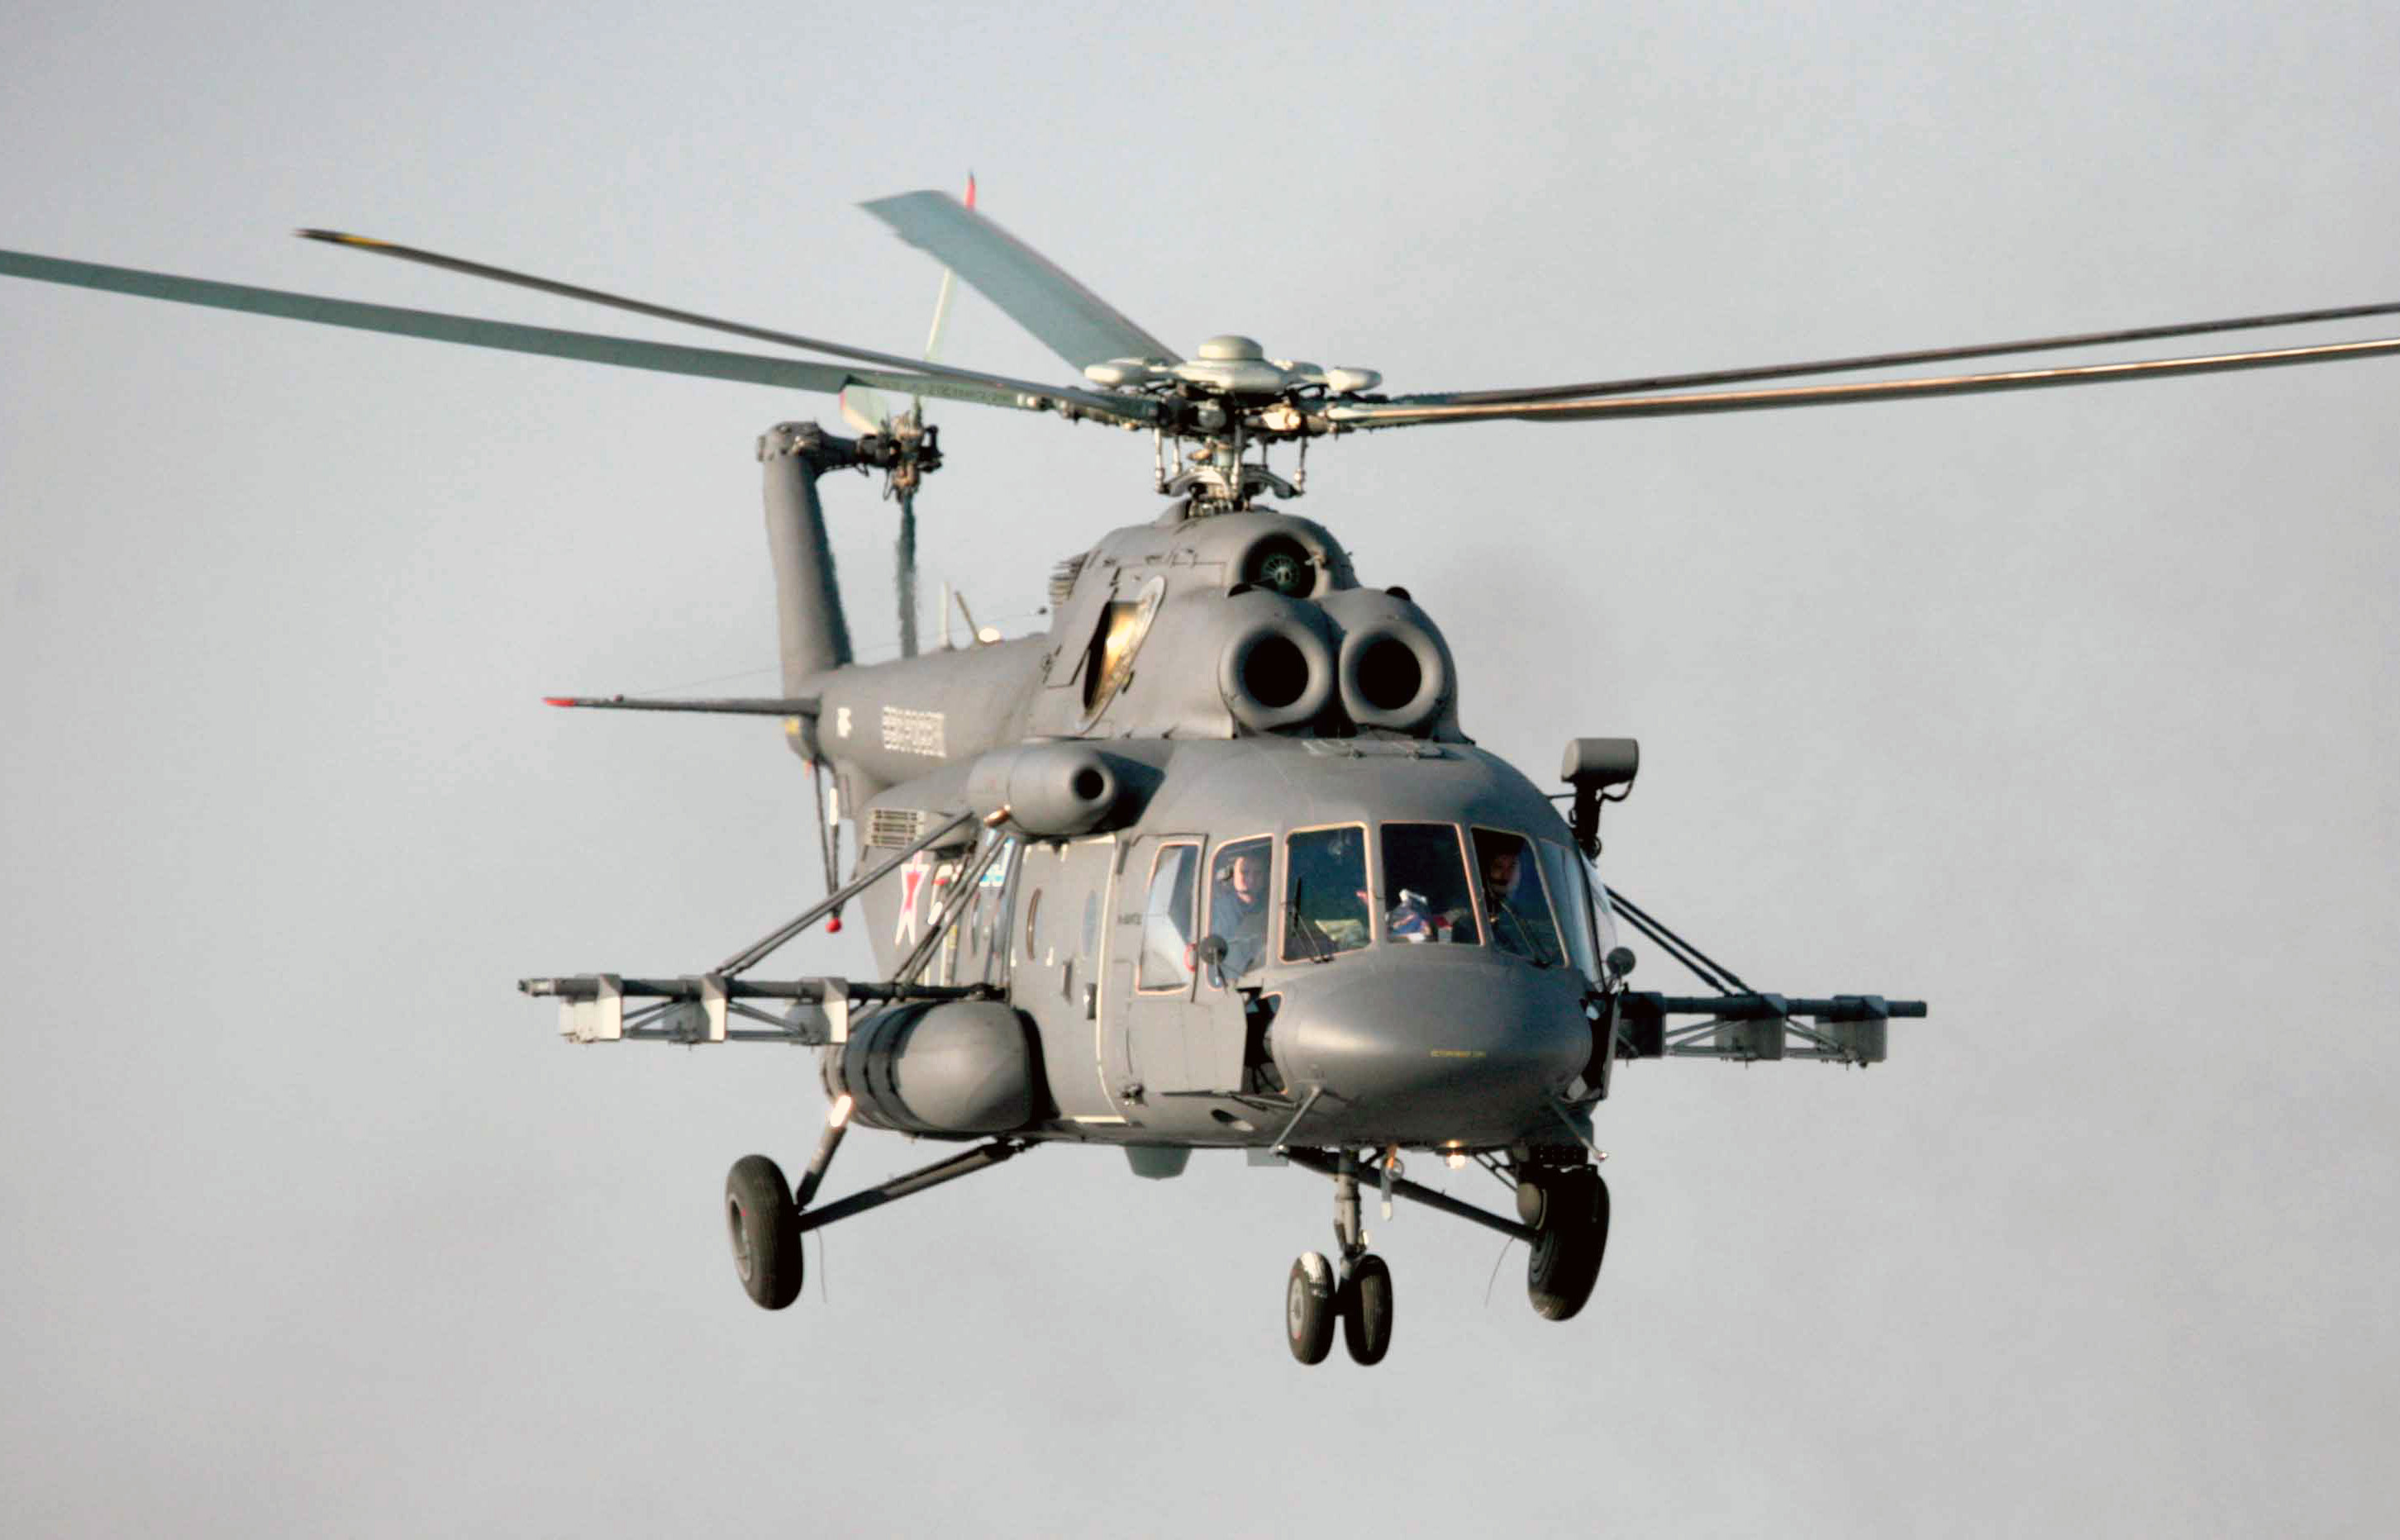 Вертолёты Ми-8 АМТ/Ми-171 будут собирать в Казахстане